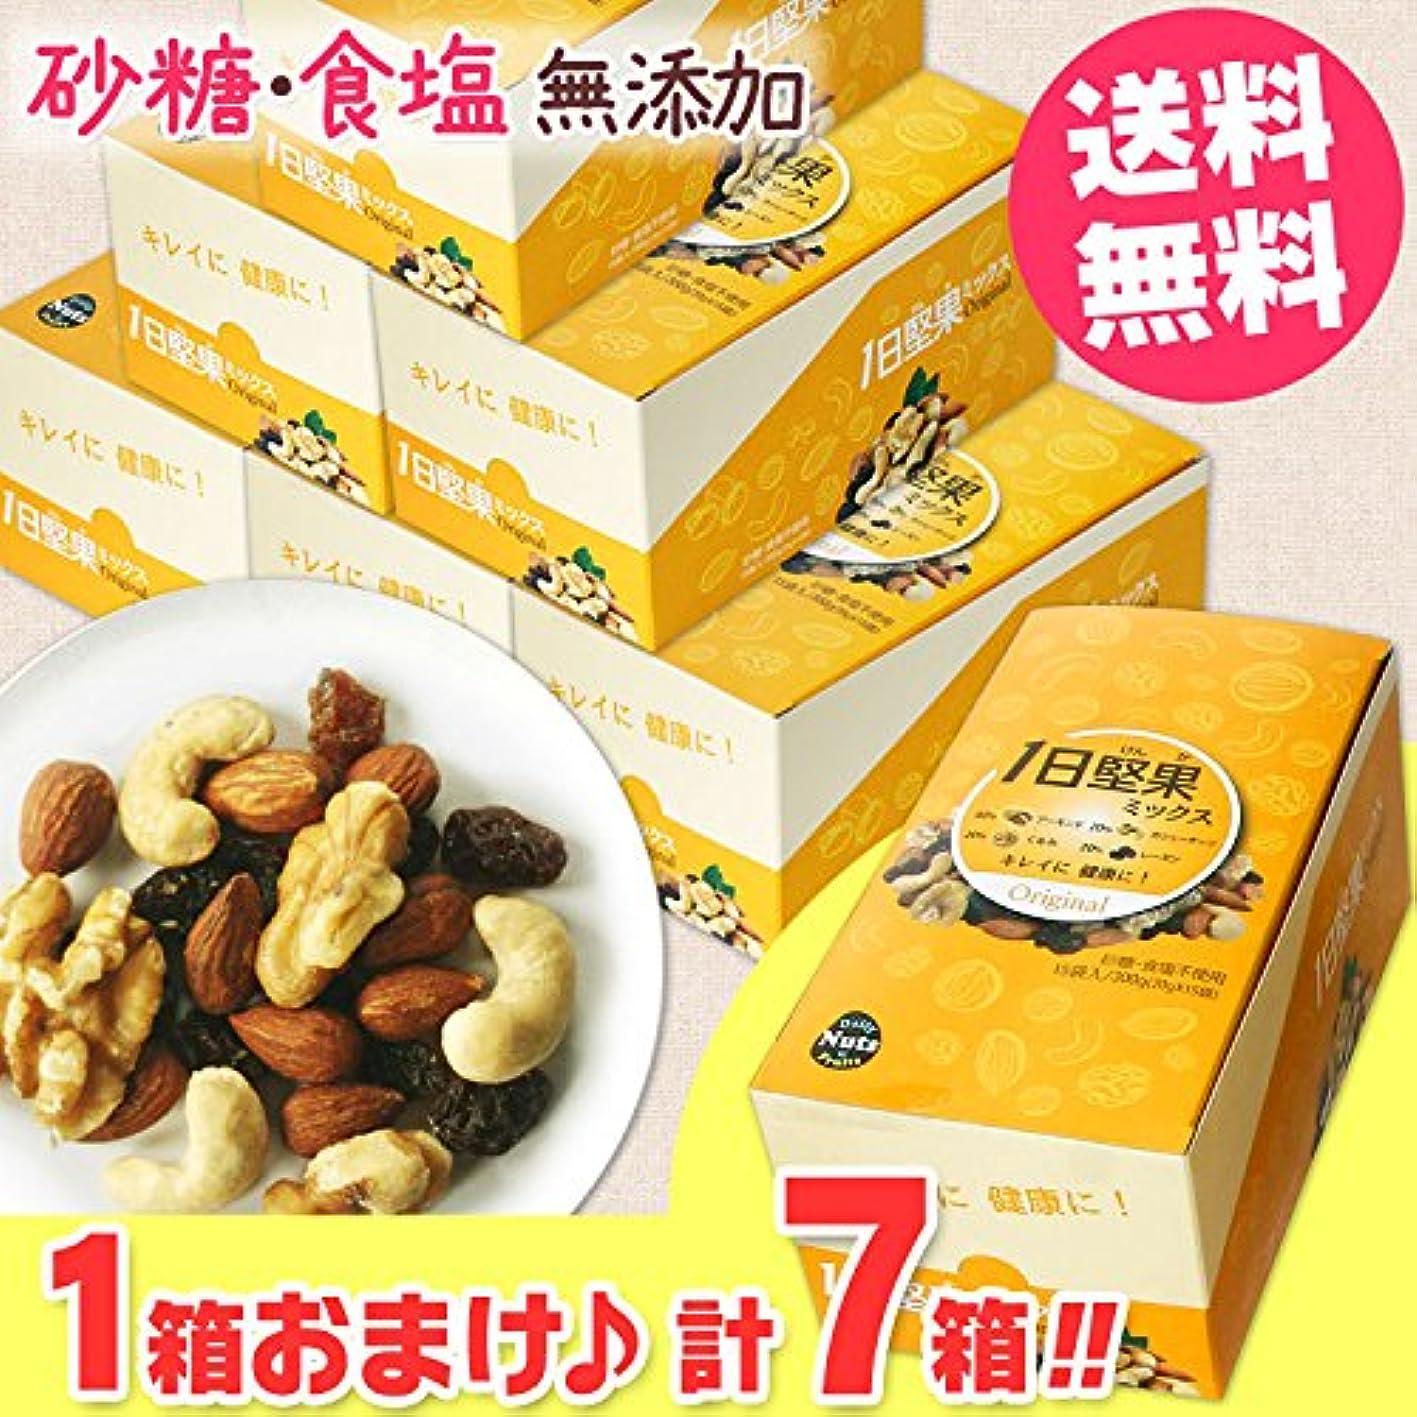 ビール検出するノイズ1日堅果ミックス オリジナル [15袋]◆6箱セット+1箱増量?